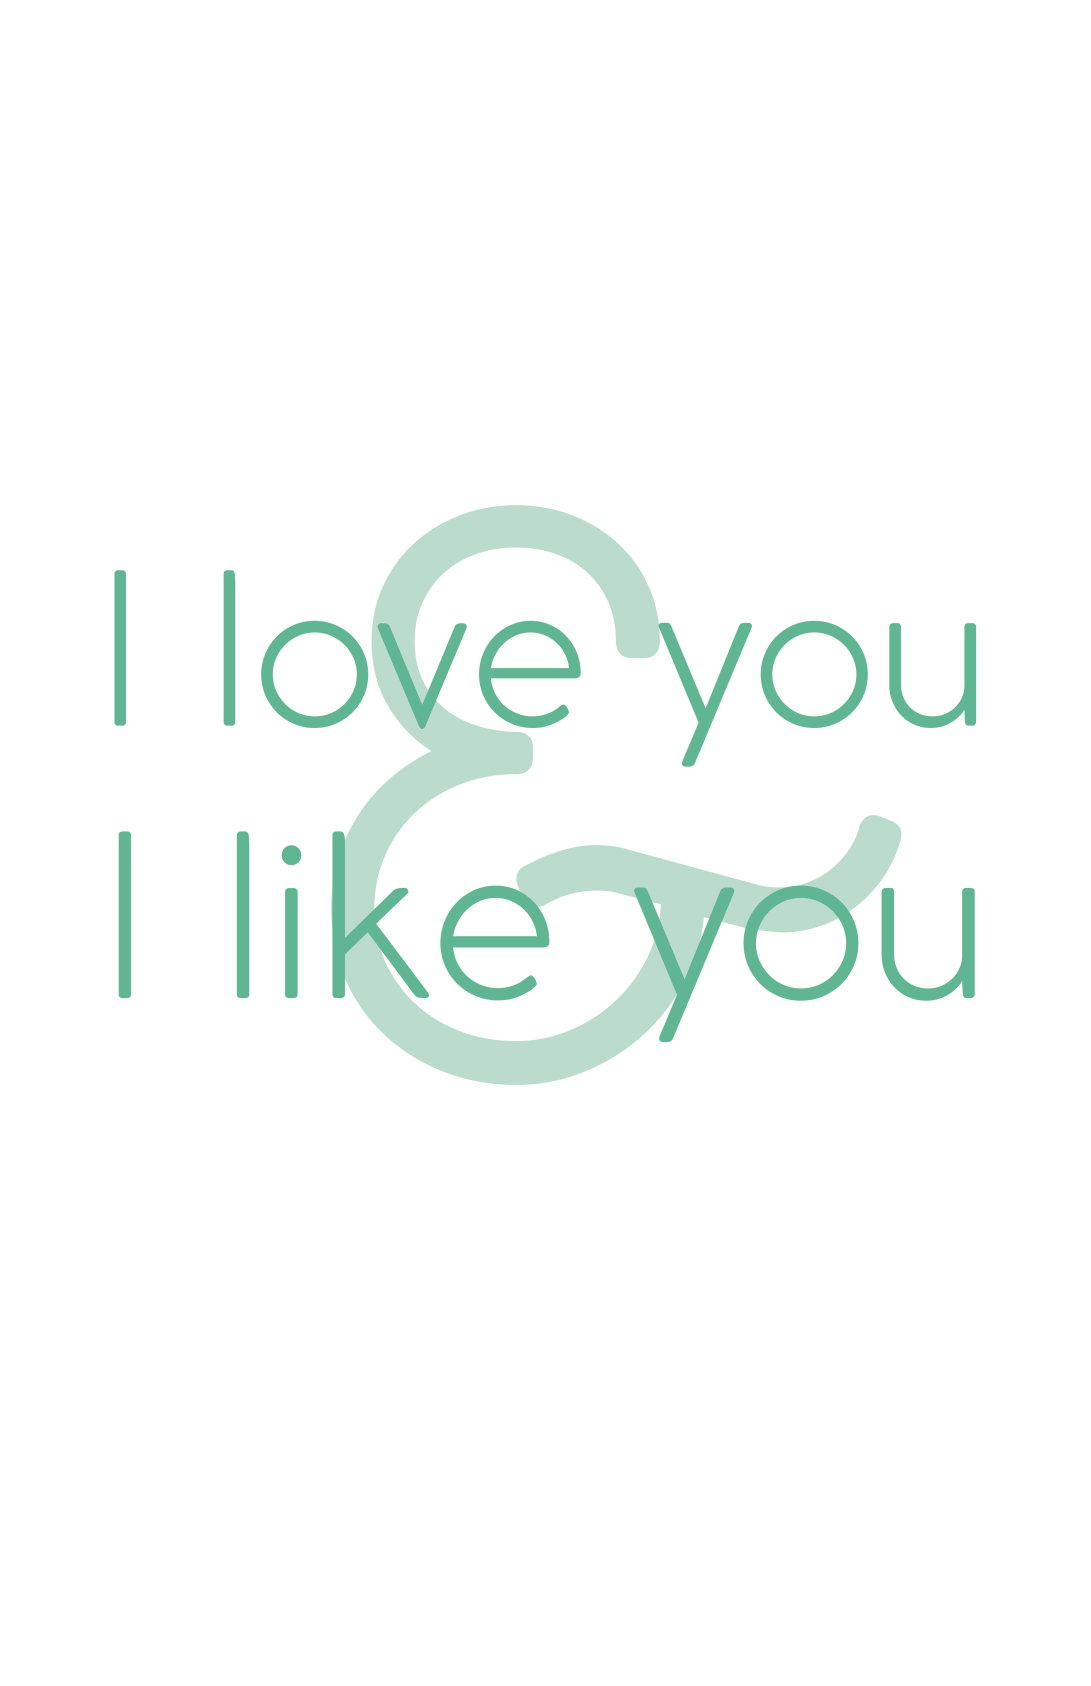 loveyoulikeyou